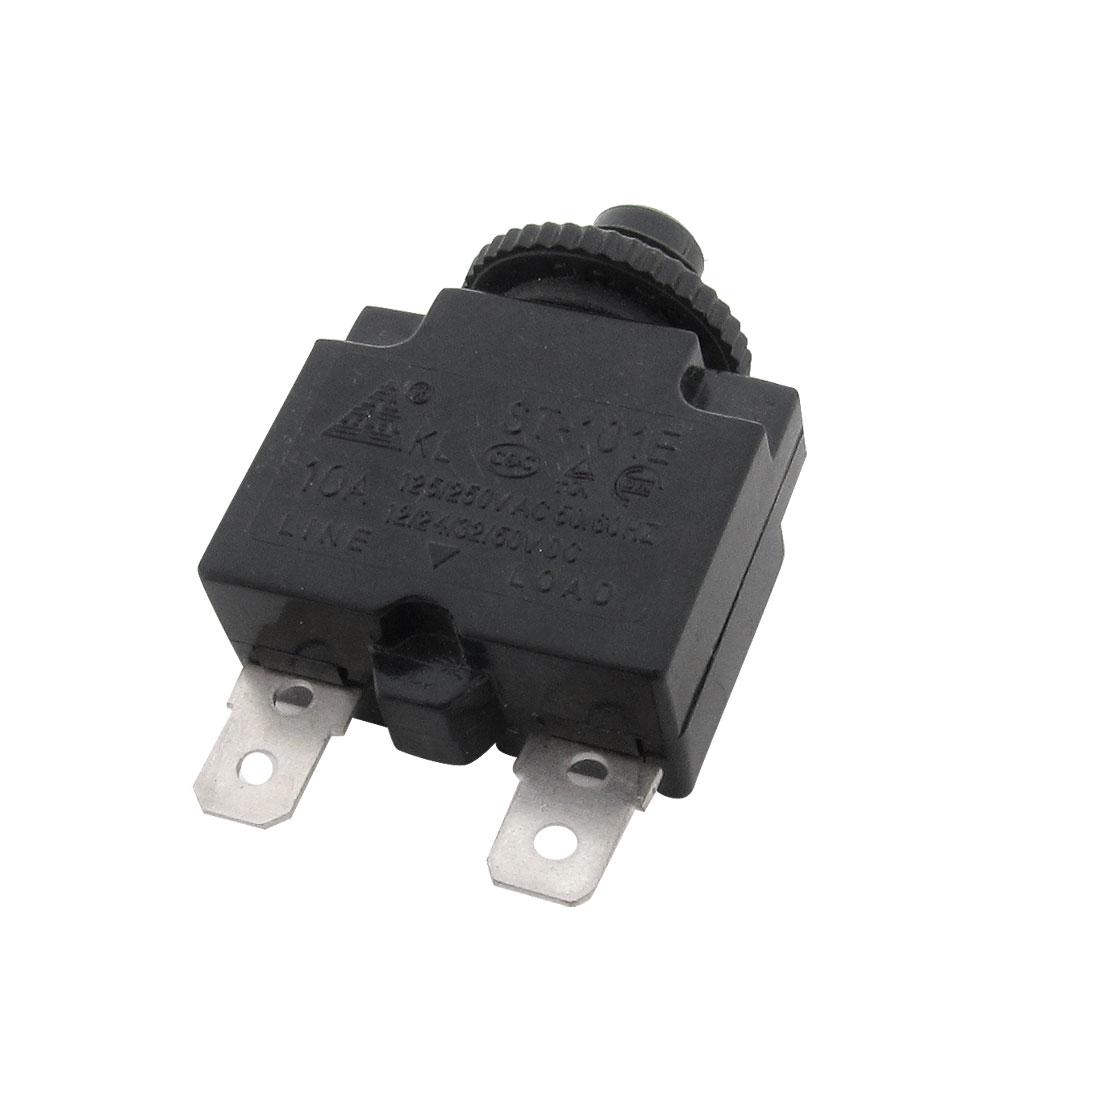 Black Air Compressor Circuit Breaker Overload Protector 10A DC 12/24/32/50V